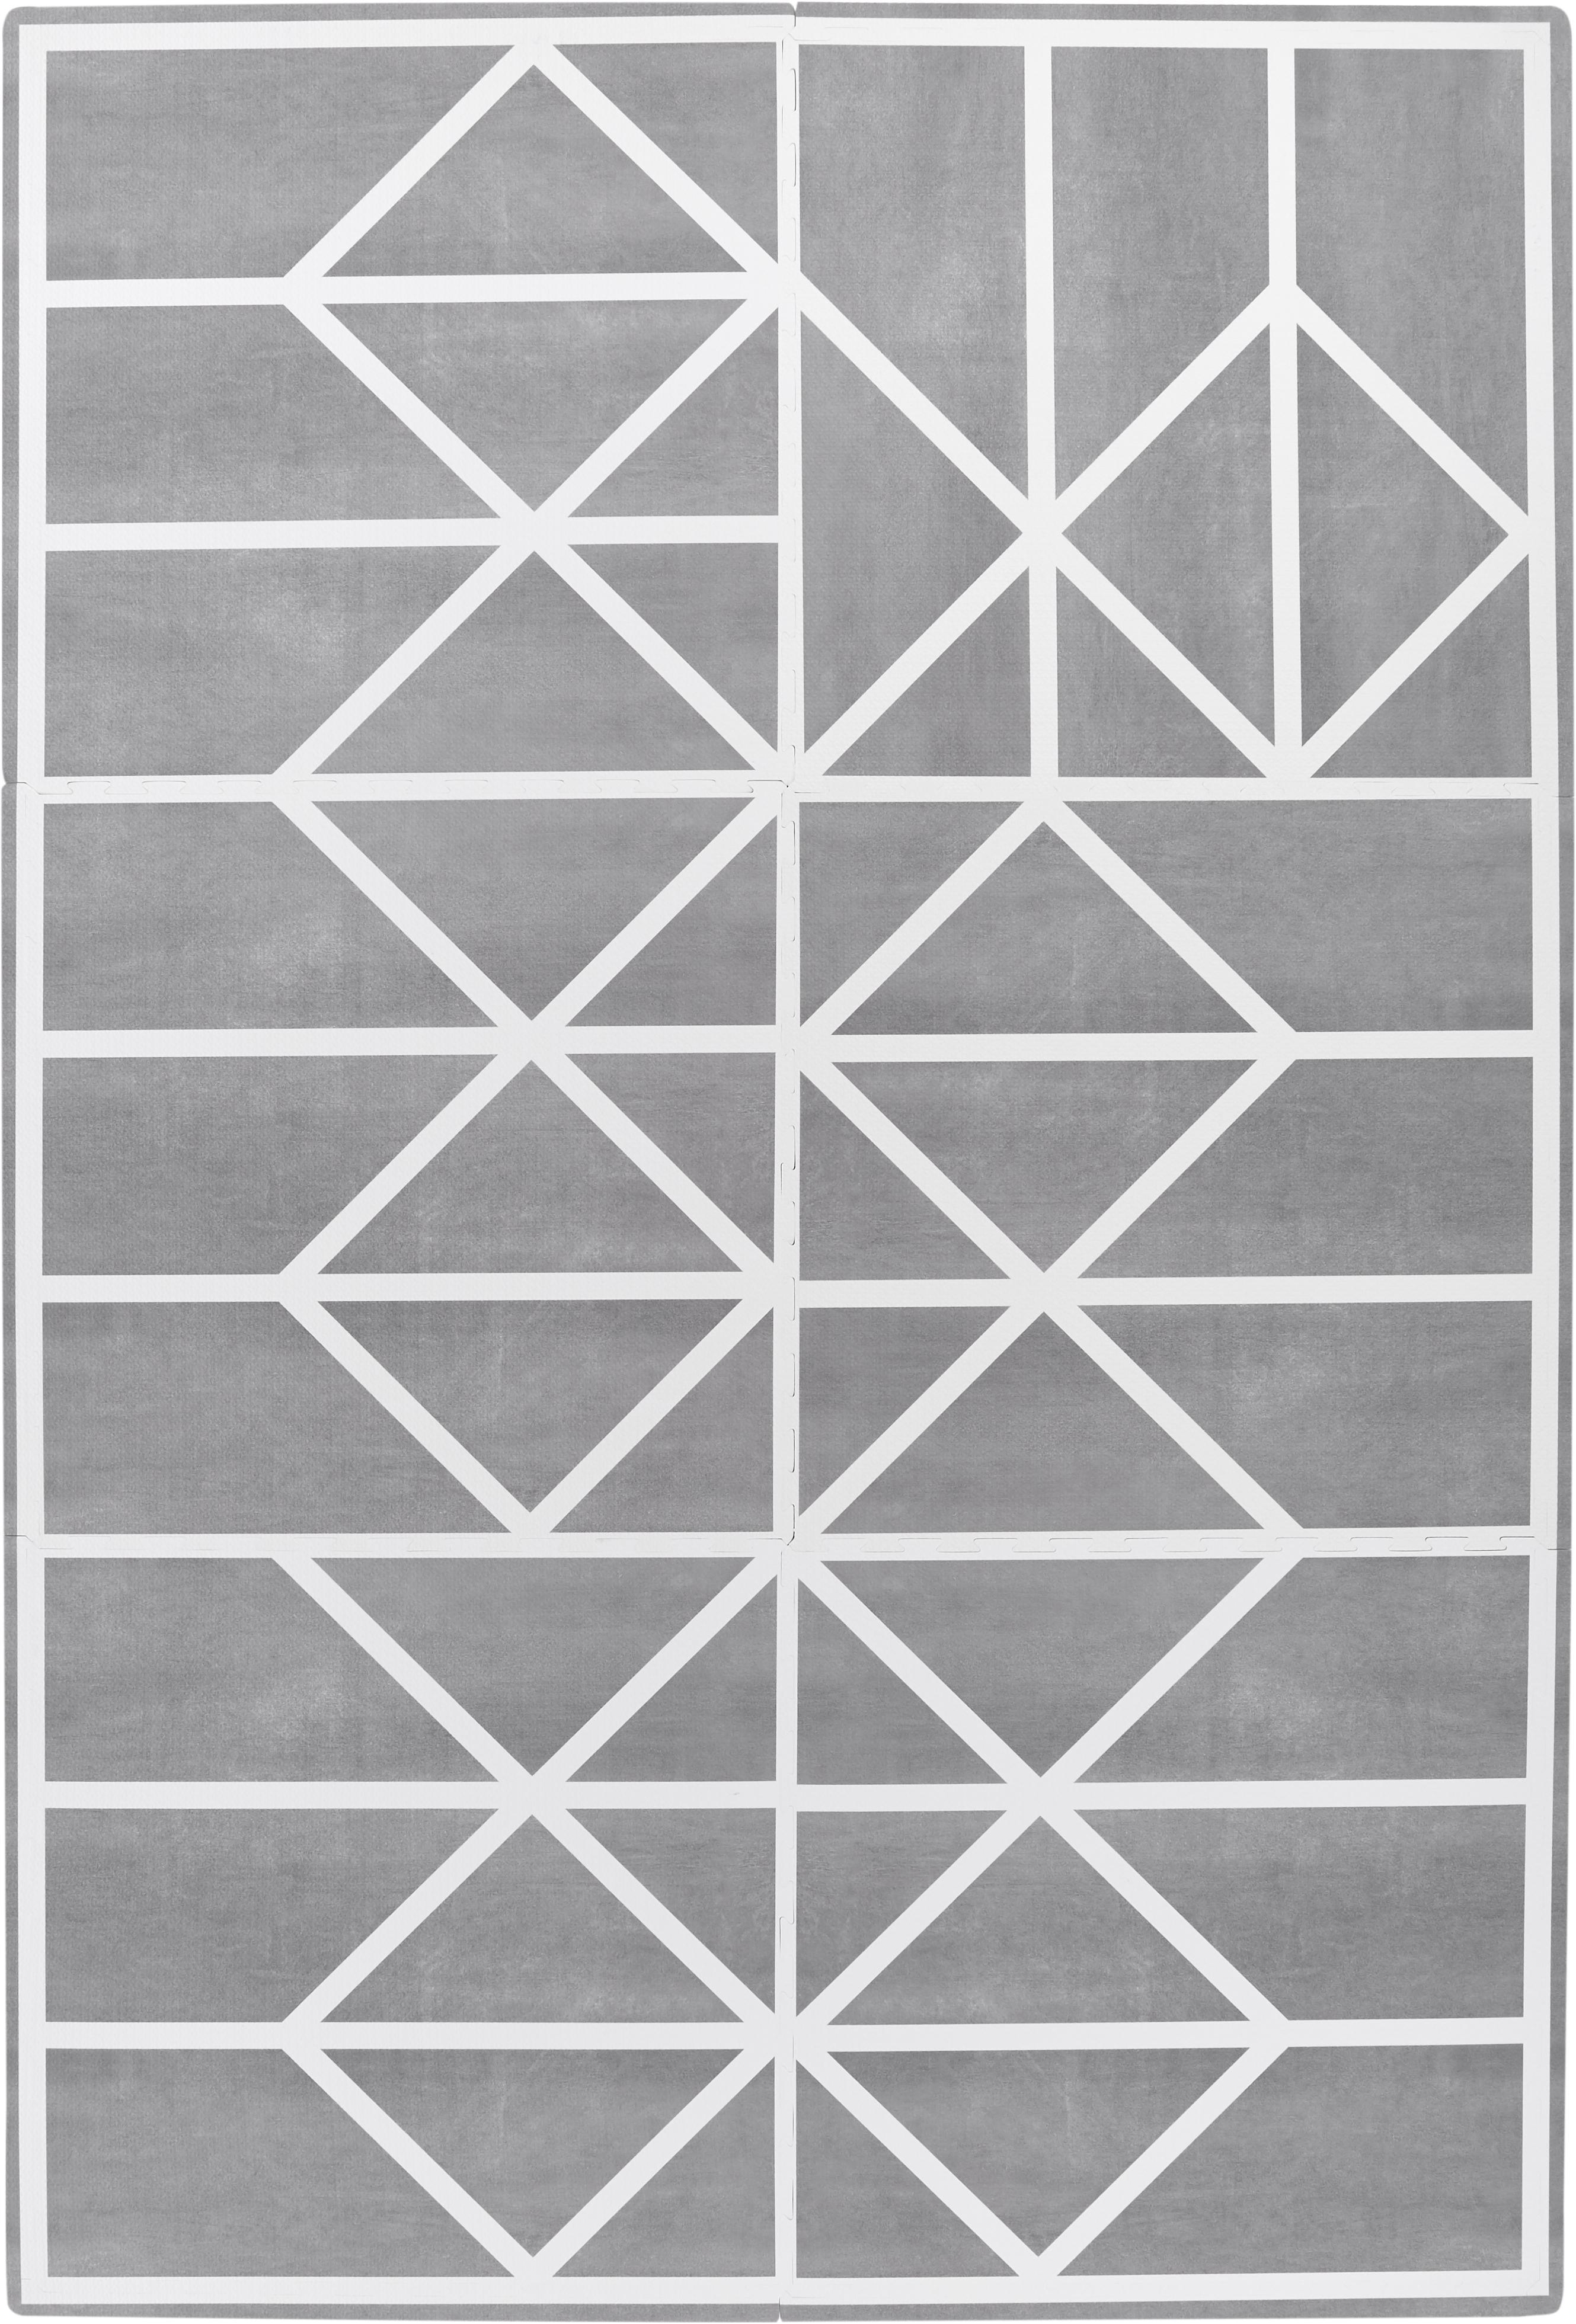 Speelmatset Nordic, 18-delig, Schuimstof (EVAC), vrij van schadelijke stoffen, Grijs, crèmekleurig, 120 x 180 cm